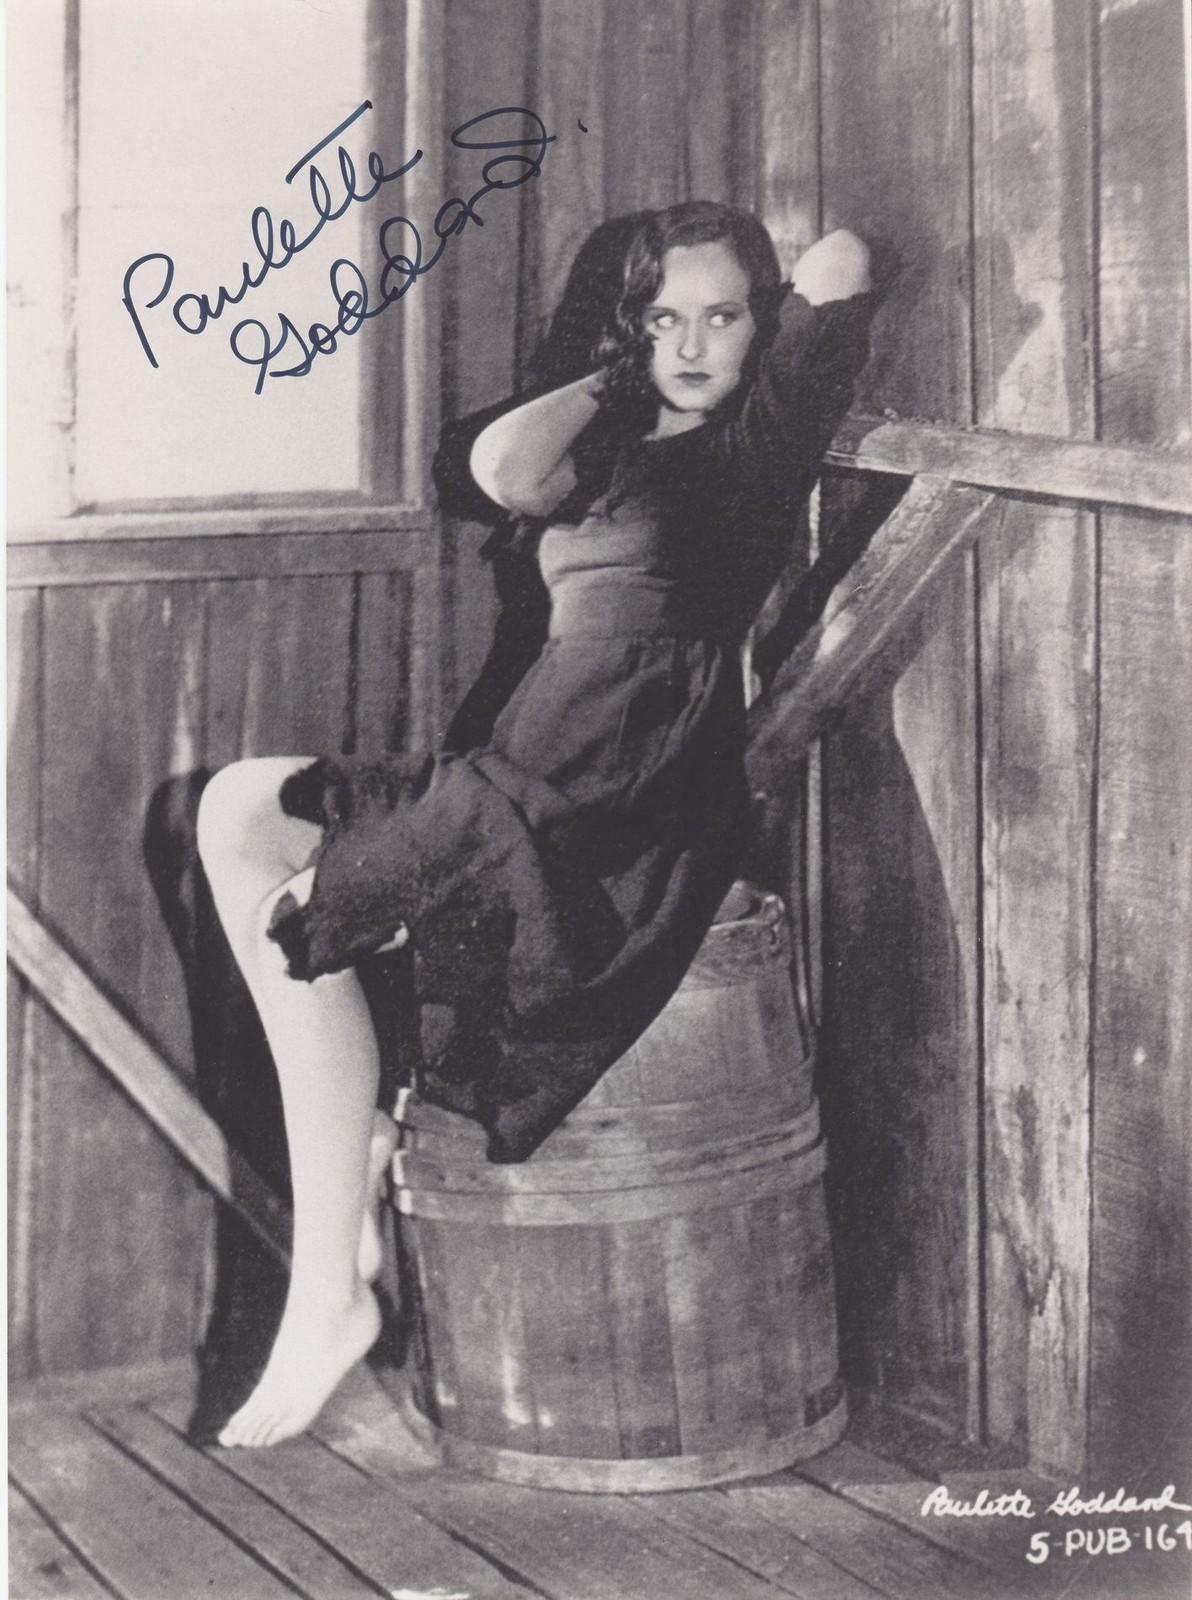 Paulette-Goddard-Feet-628868.jpg